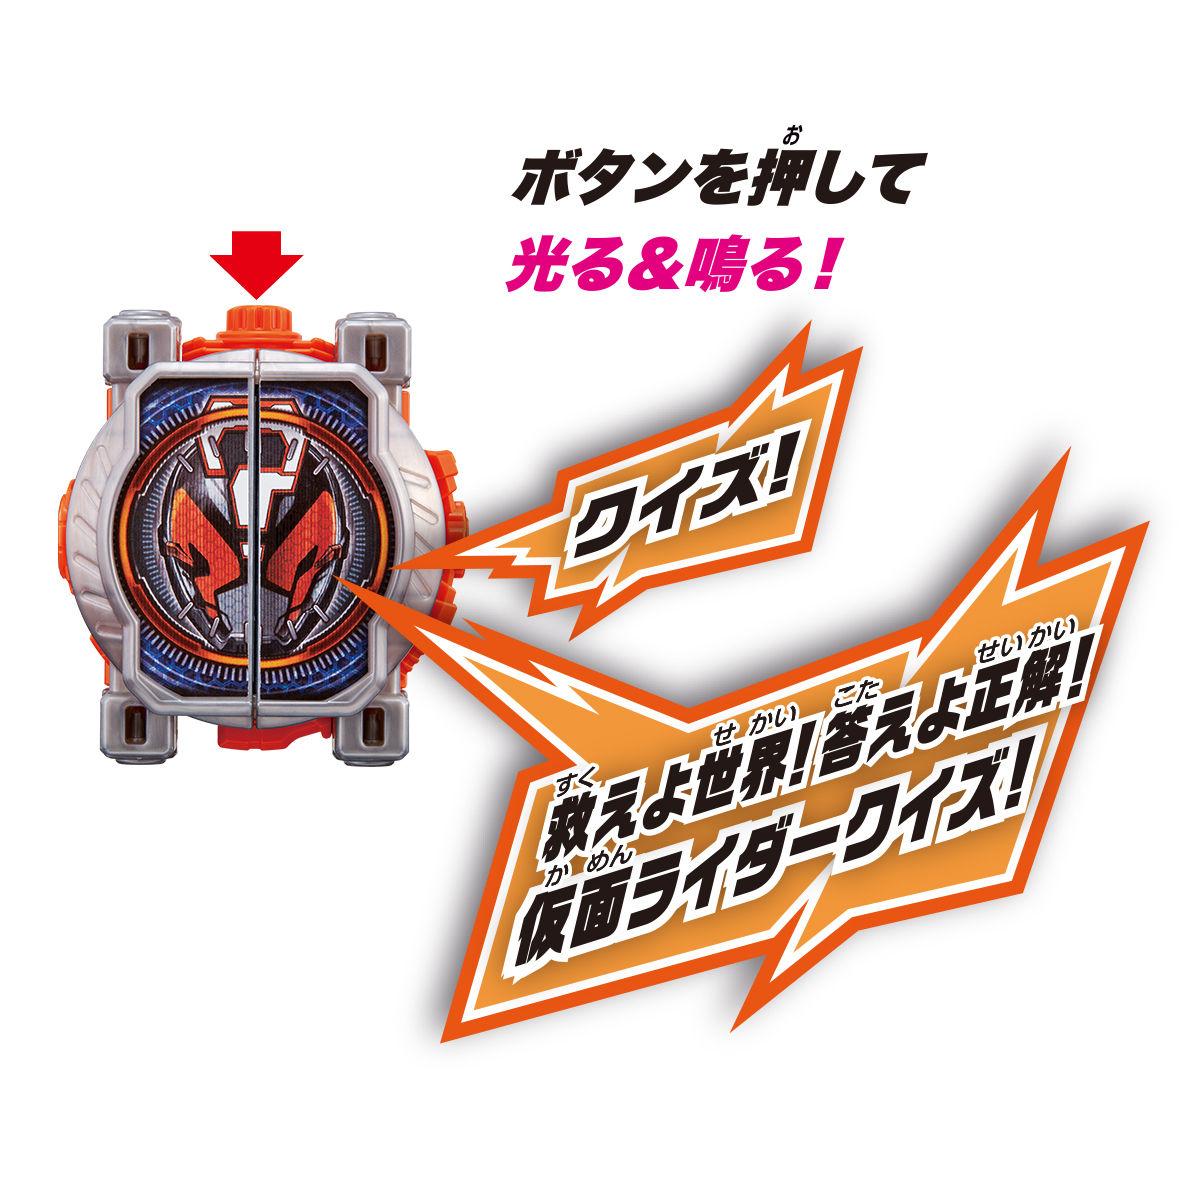 仮面ライダージオウ『DXクイズミライドウォッチ』変身なりきり-003